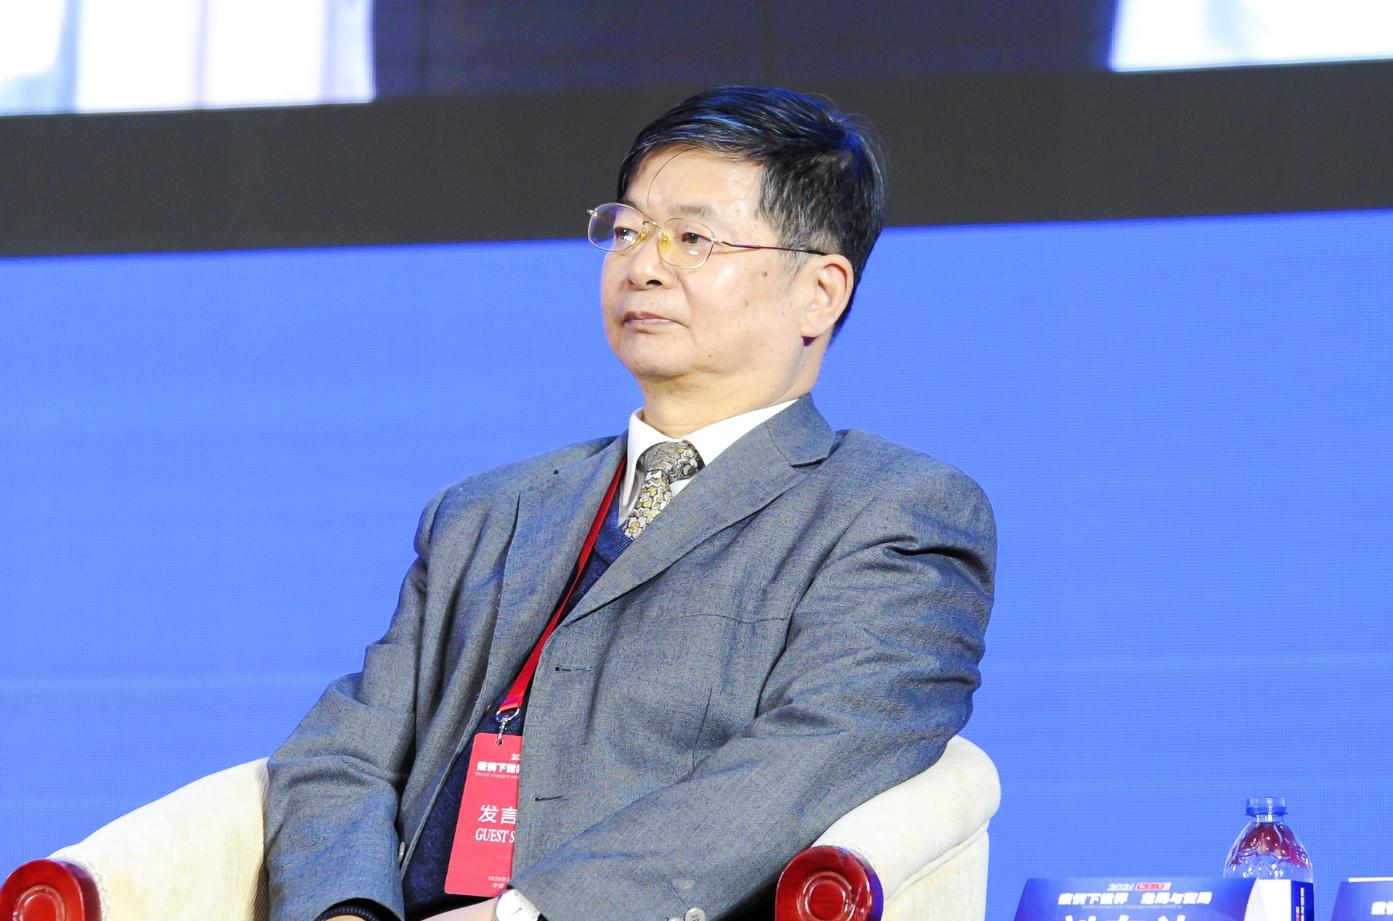 刘友法:印度蚕食争议地区领土的坏毛病,绝对不能再惯下去!